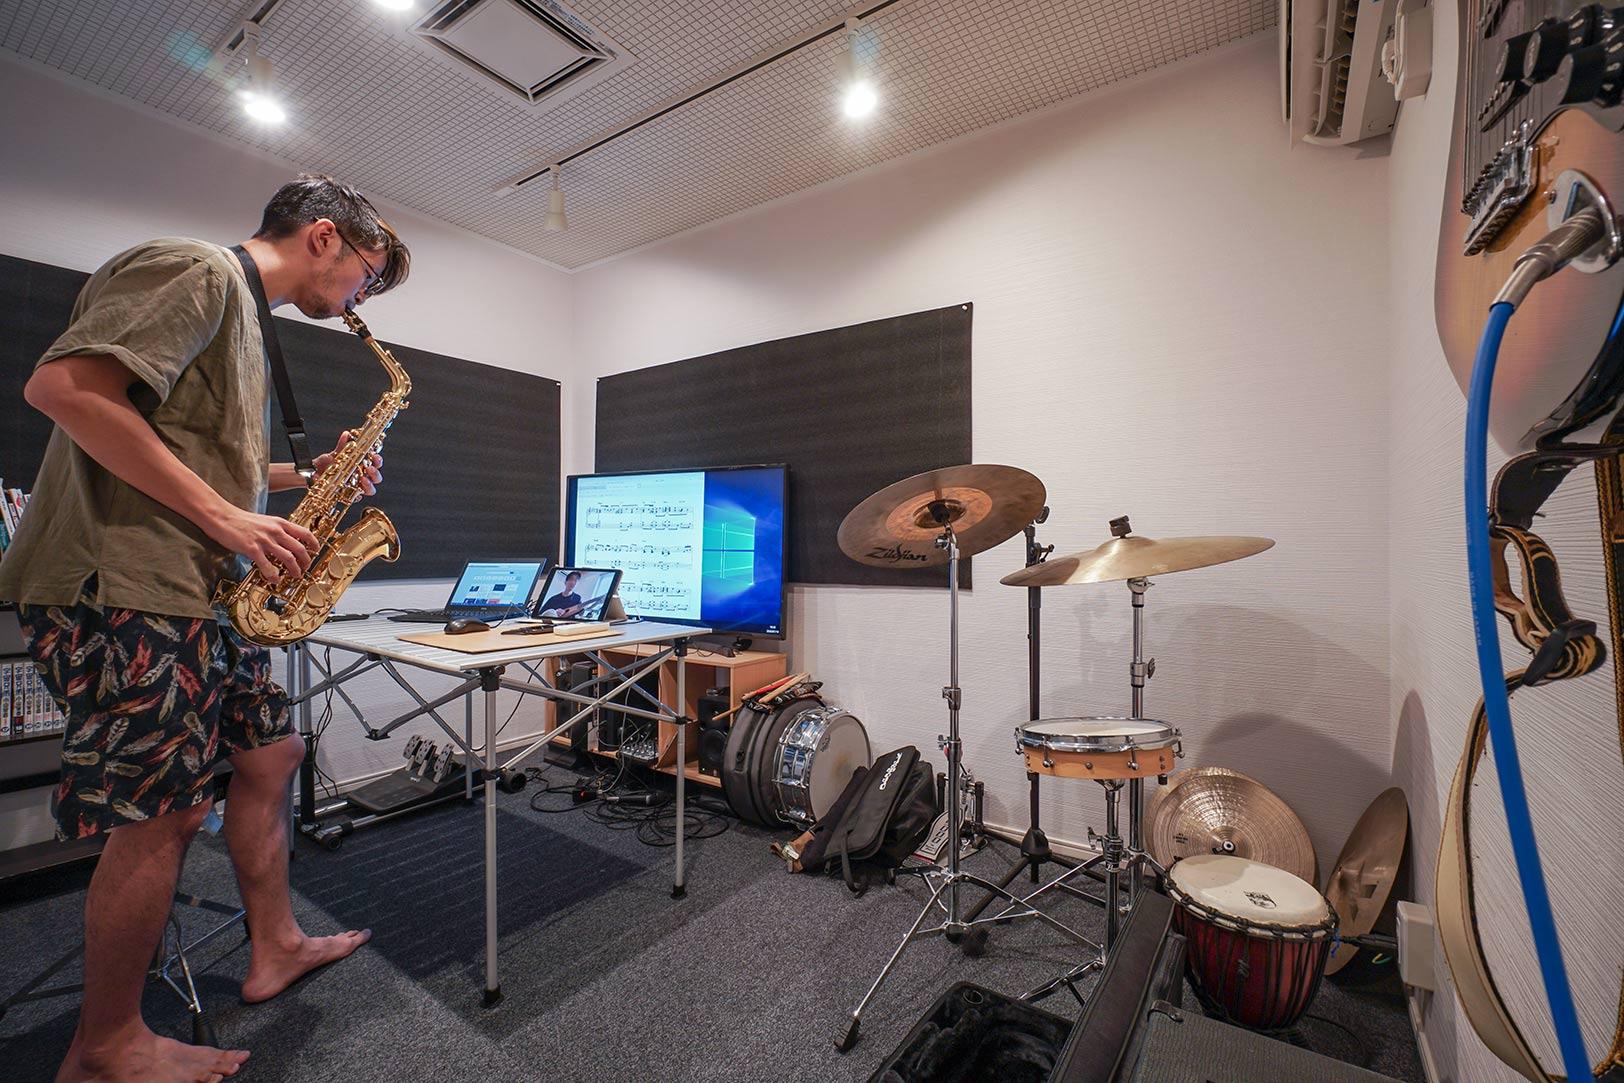 バイクから楽器演奏まで、多彩な趣味を持つ田中さんが家づくりの際に最優先したという防音室。かなり本格的に造ってあり、夜中にドラムを叩いても全然問題なし!とのこと。写真は、オンラインでの演奏セッションを楽しんでいるところ